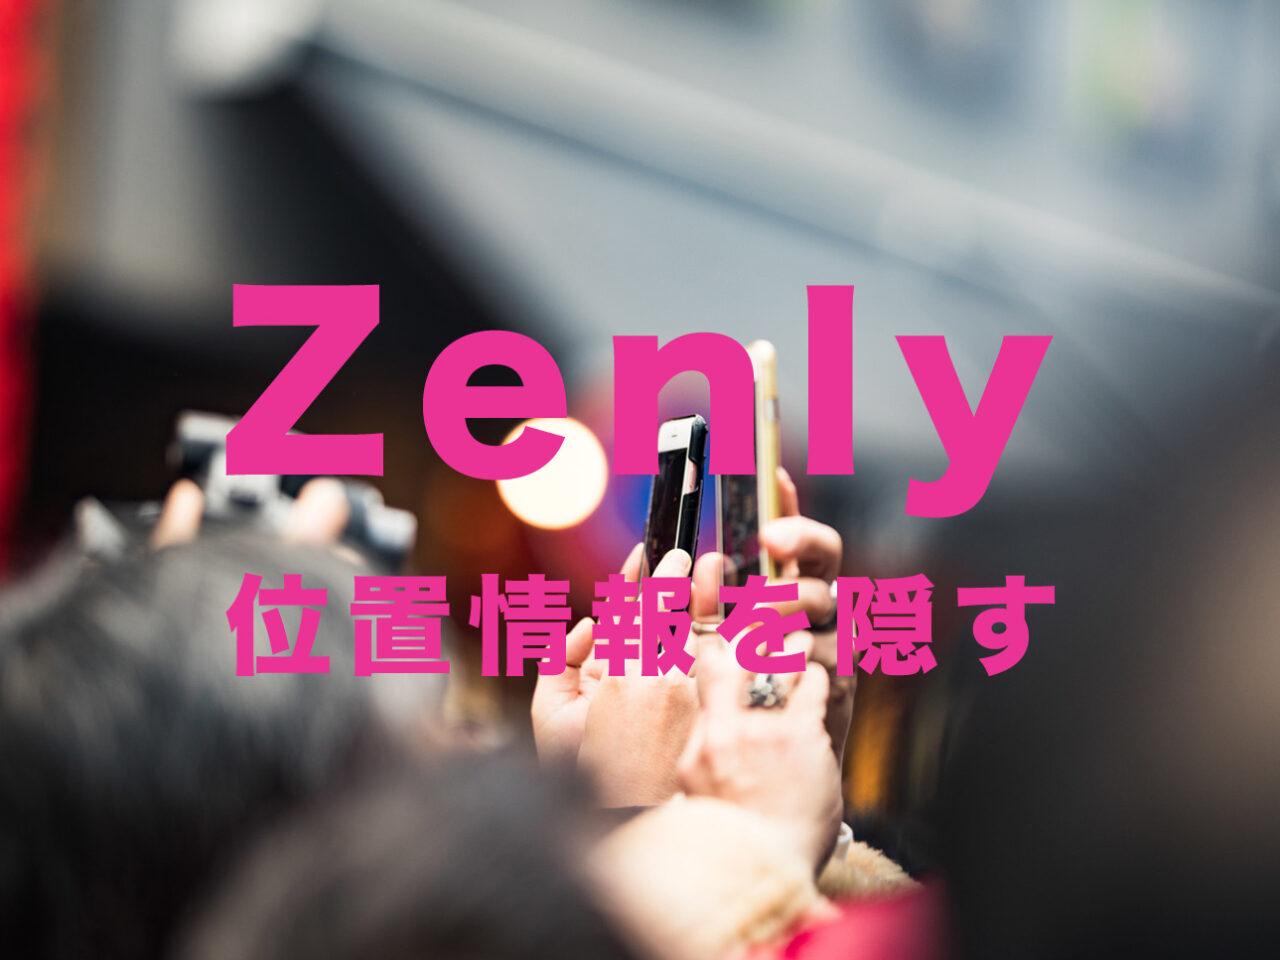 ゼンリー(Zenly)で位置情報を隠す&あいまいにする方法はある?のサムネイル画像